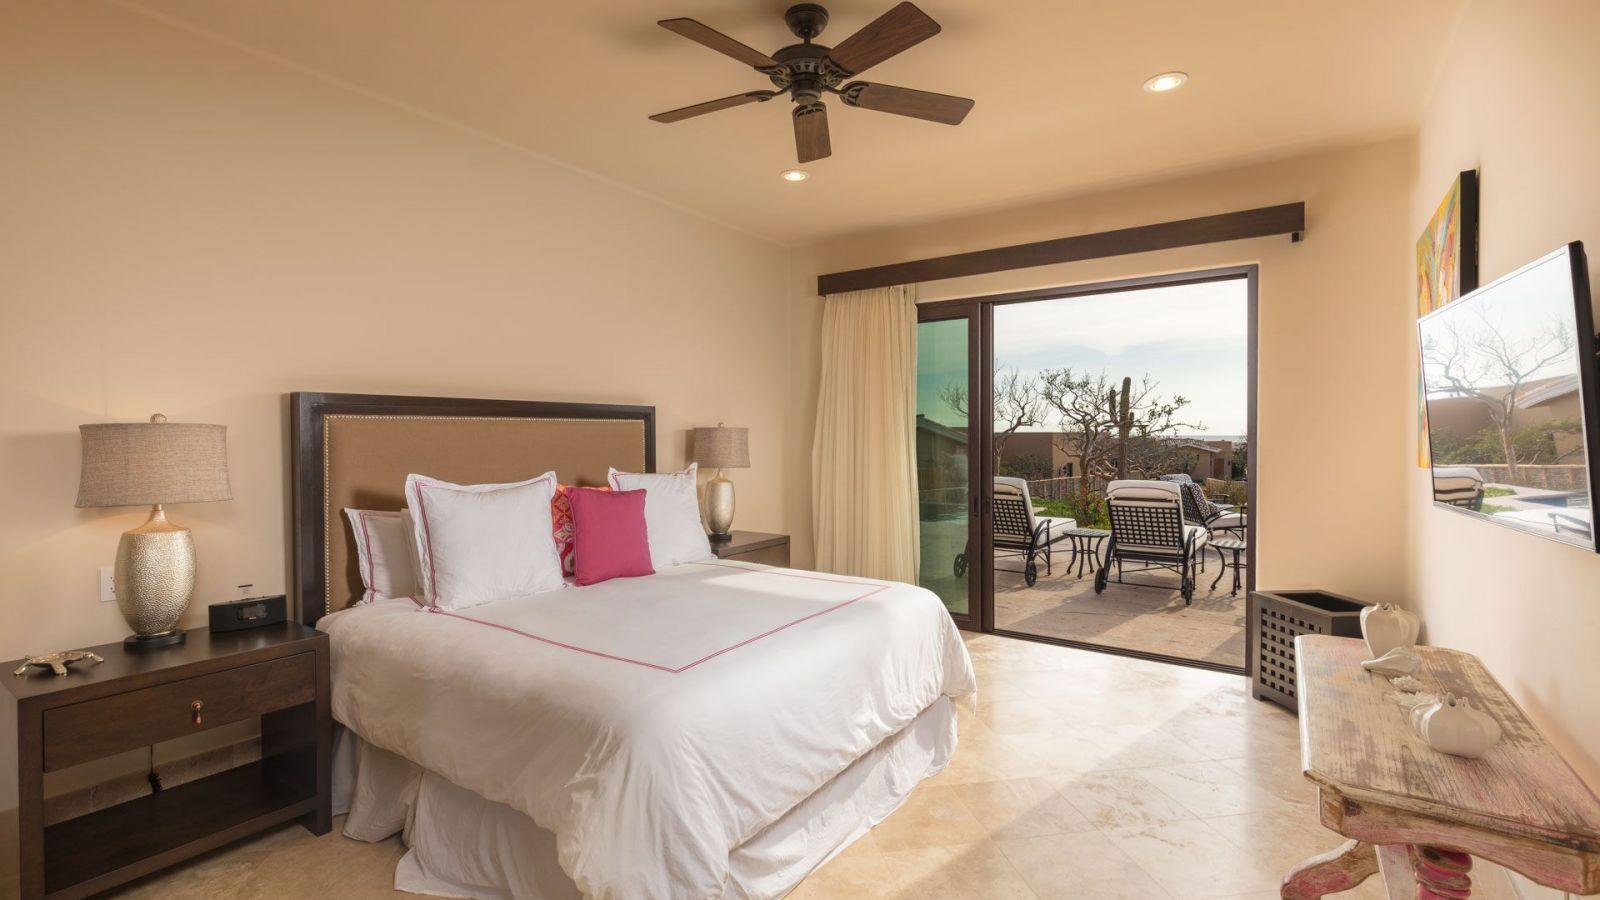 Diamante Cabo San Lucas - Las Casitas 3 bedroom